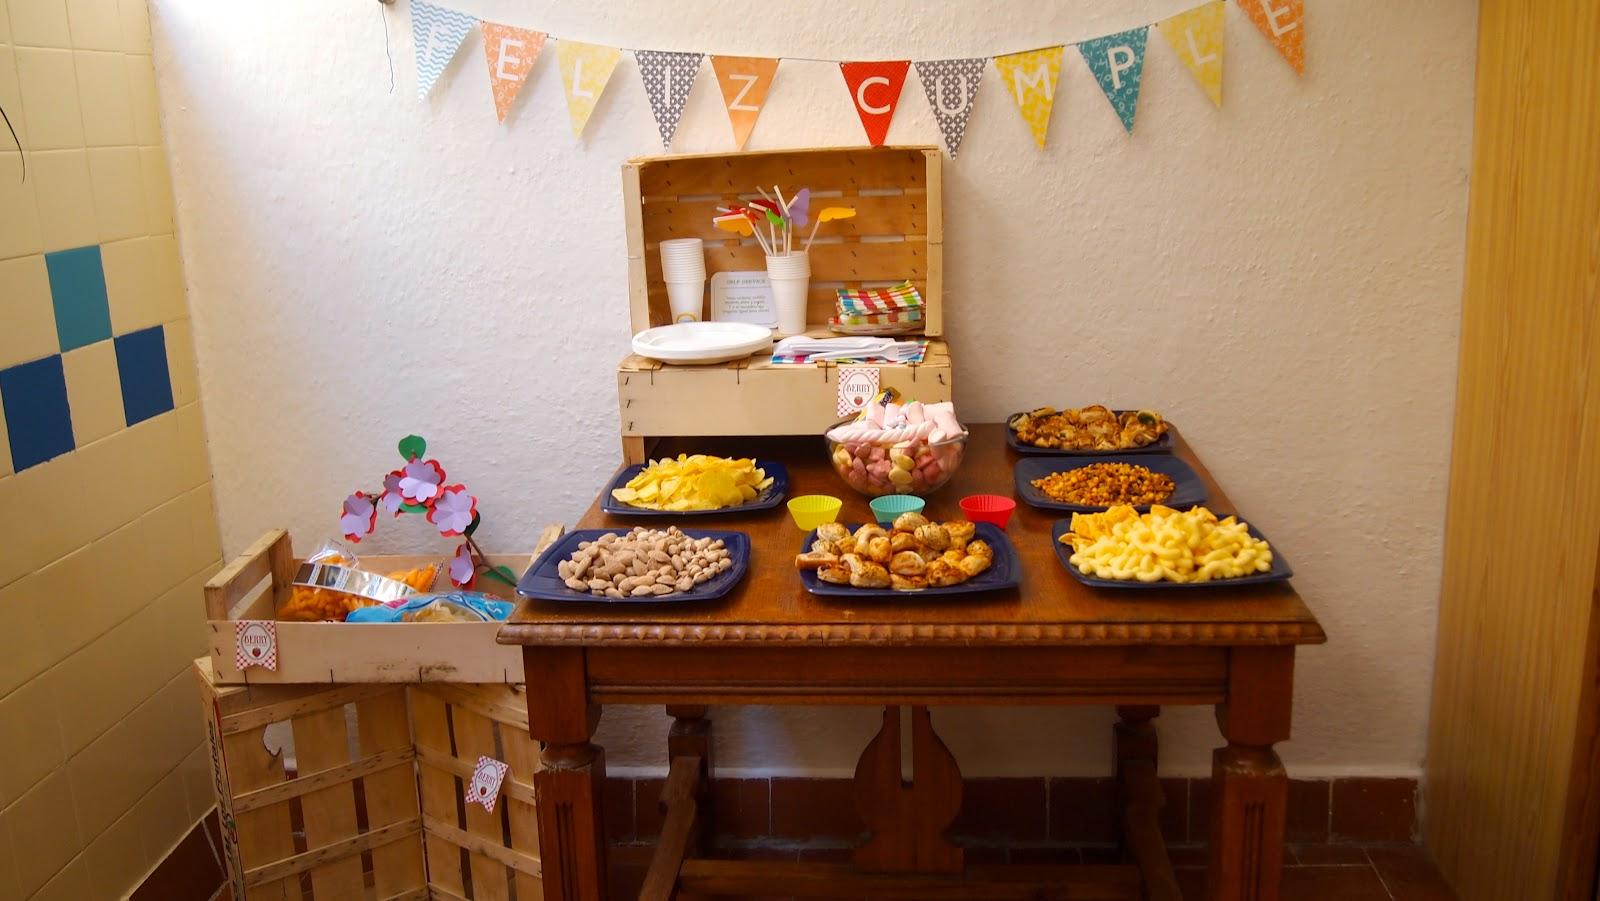 El placer del hacer preparativos cumplea os 3 a itos - Ideas para celebrar un cumpleanos en casa ...